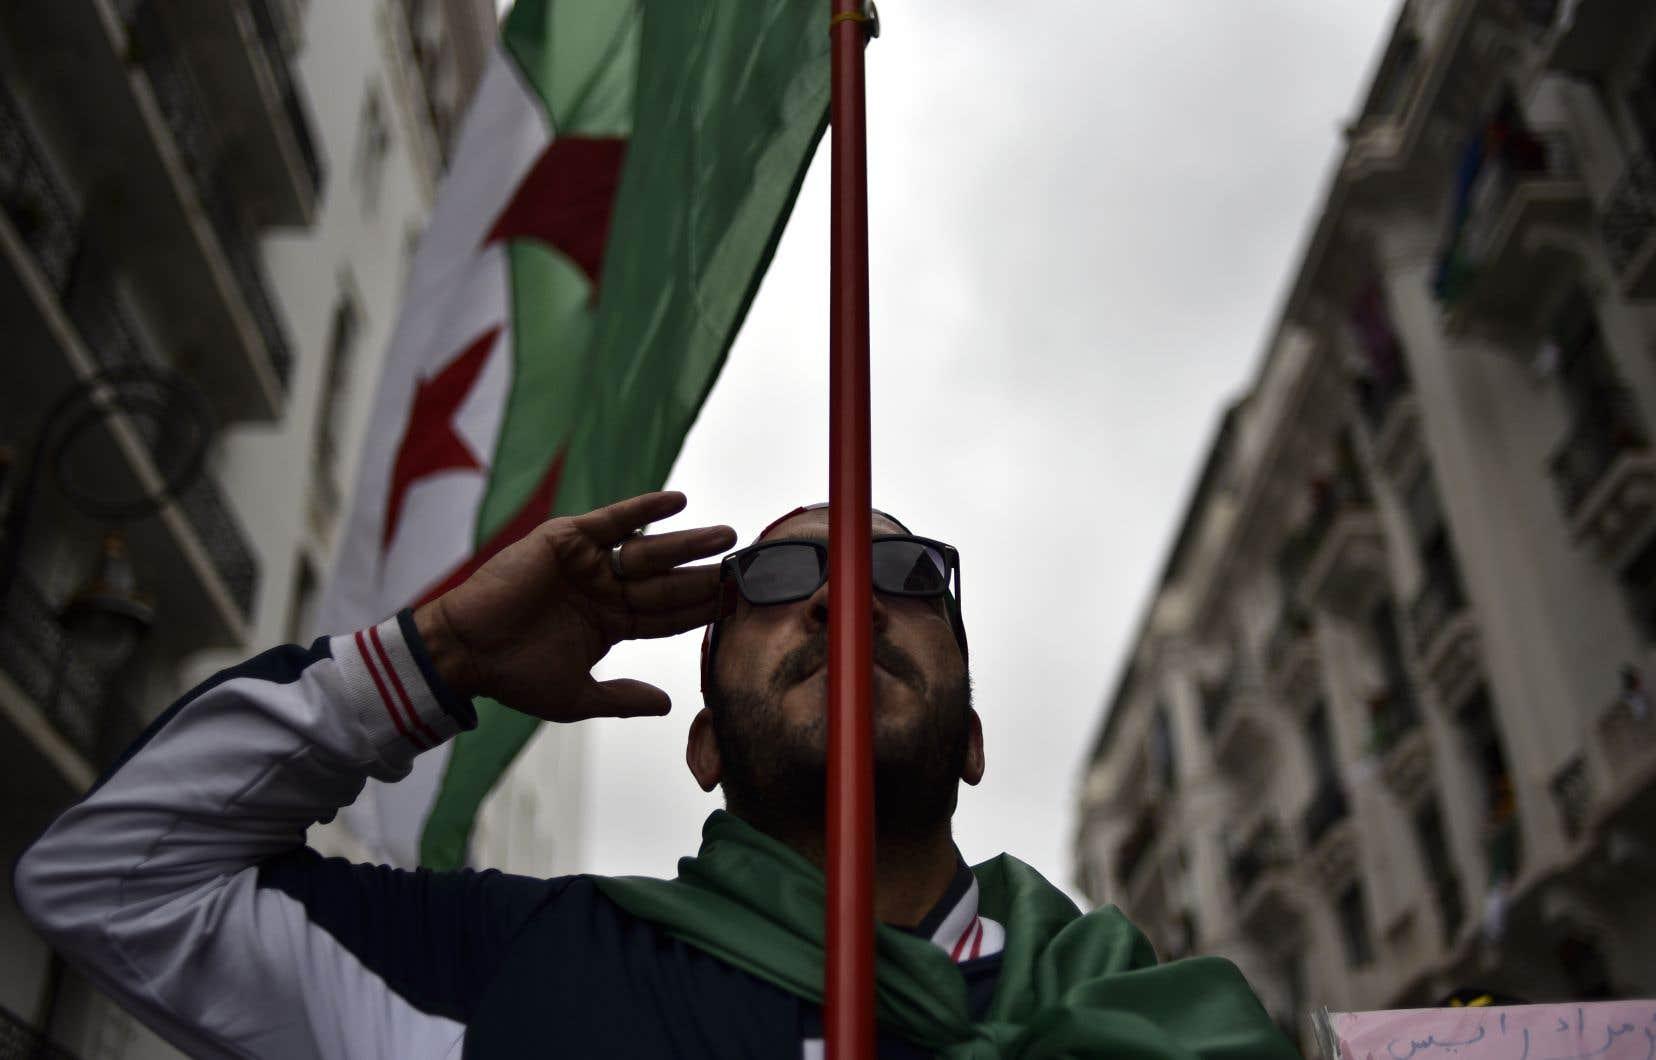 Aucun chiffre officiel n'est communiqué ni par les autorités ni par la contestation, mais la mobilisation à Alger est comparable à celle des précédents vendredi.